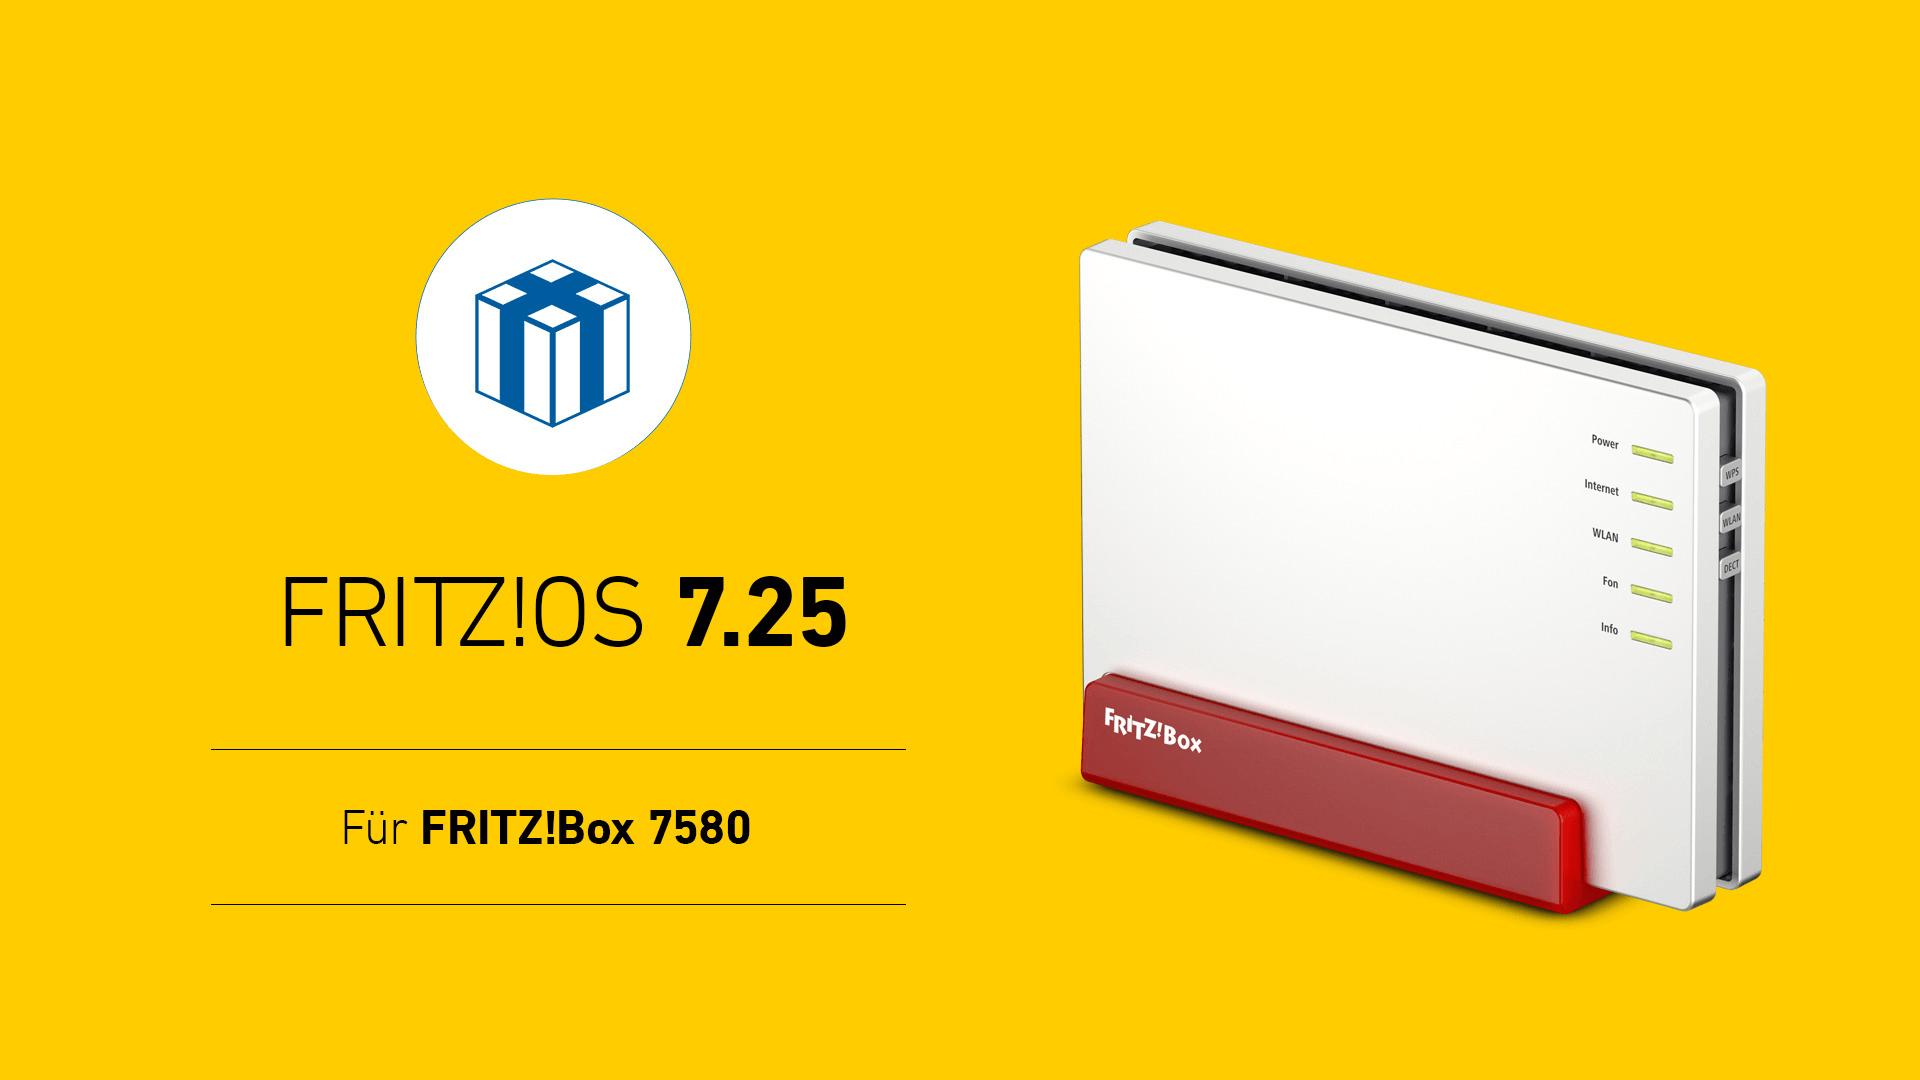 Update, Software, Patch, Aktualisierung, Router, Avm, Firmware, Fritzbox 7580, FritzOS 7.25, Fritz!OS 7.25